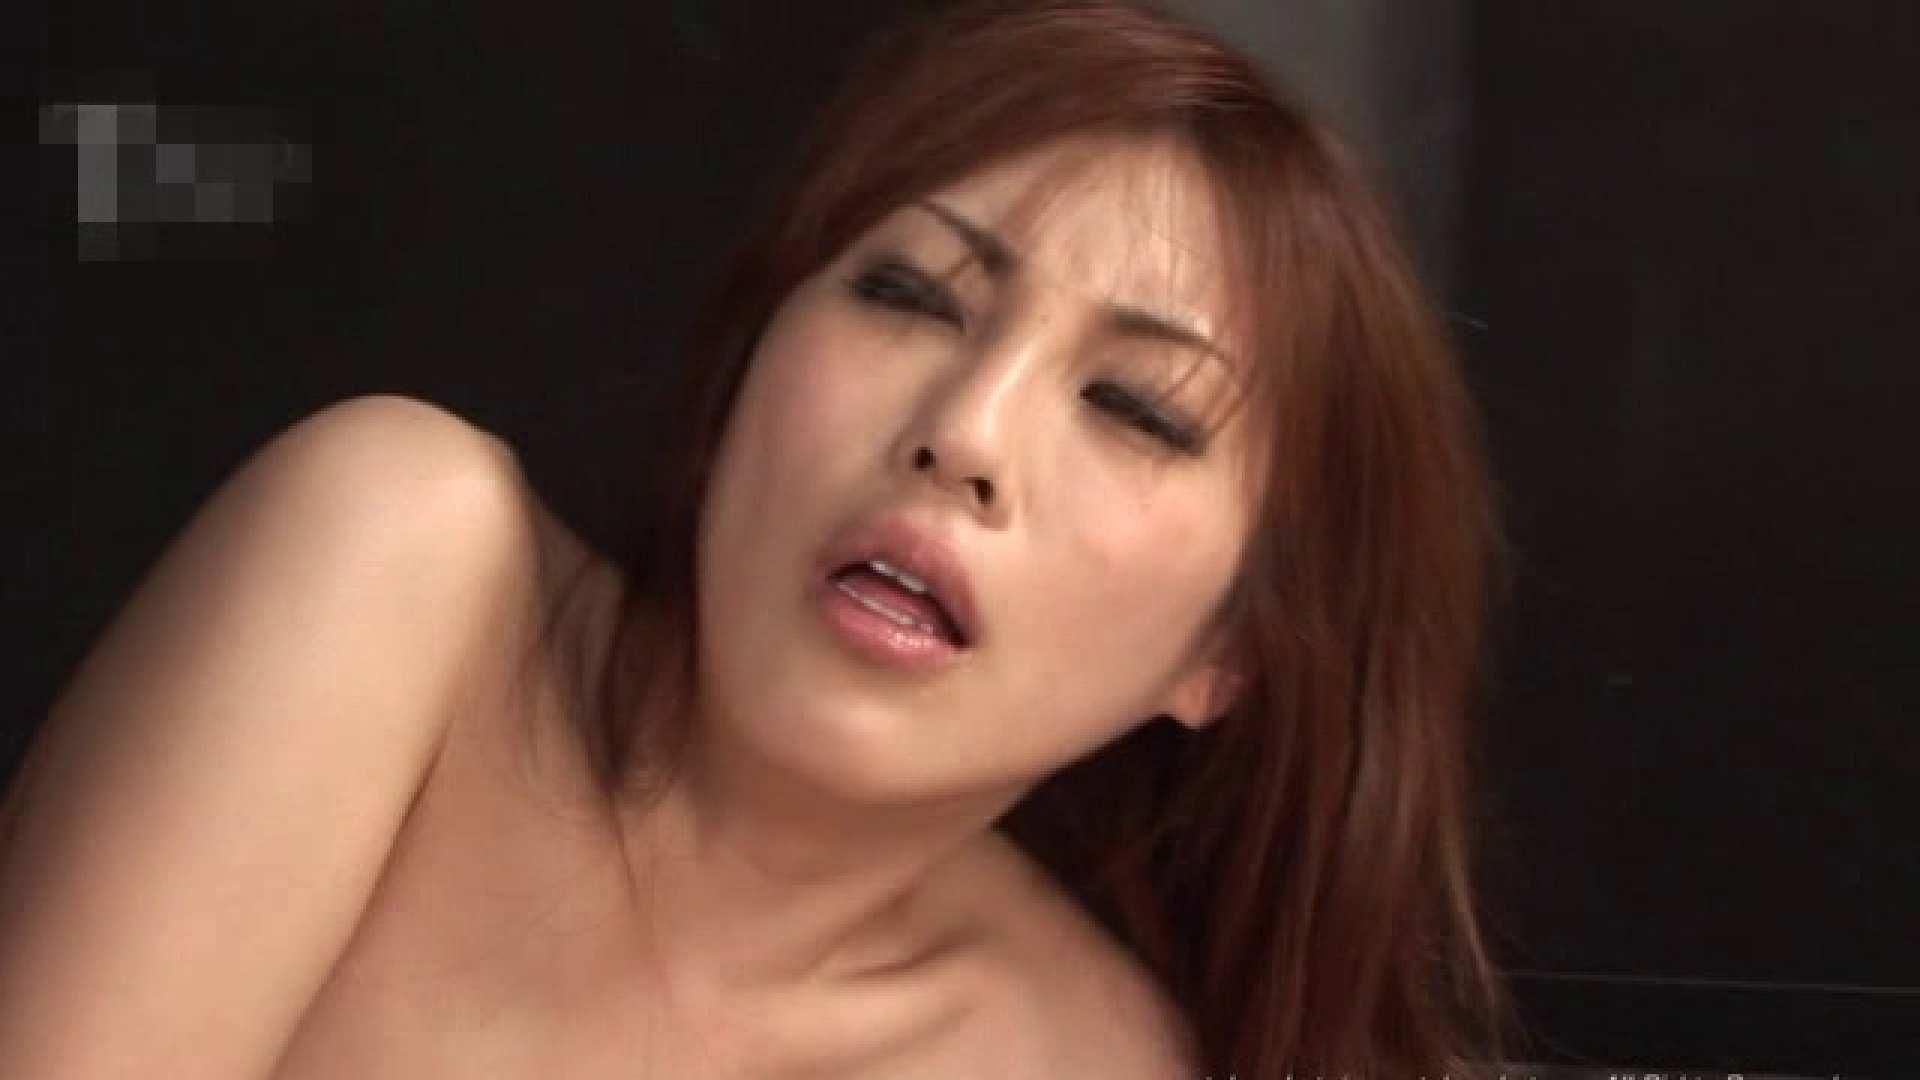 長身モデル連続アメ 痴女 | モデル  88pic 85